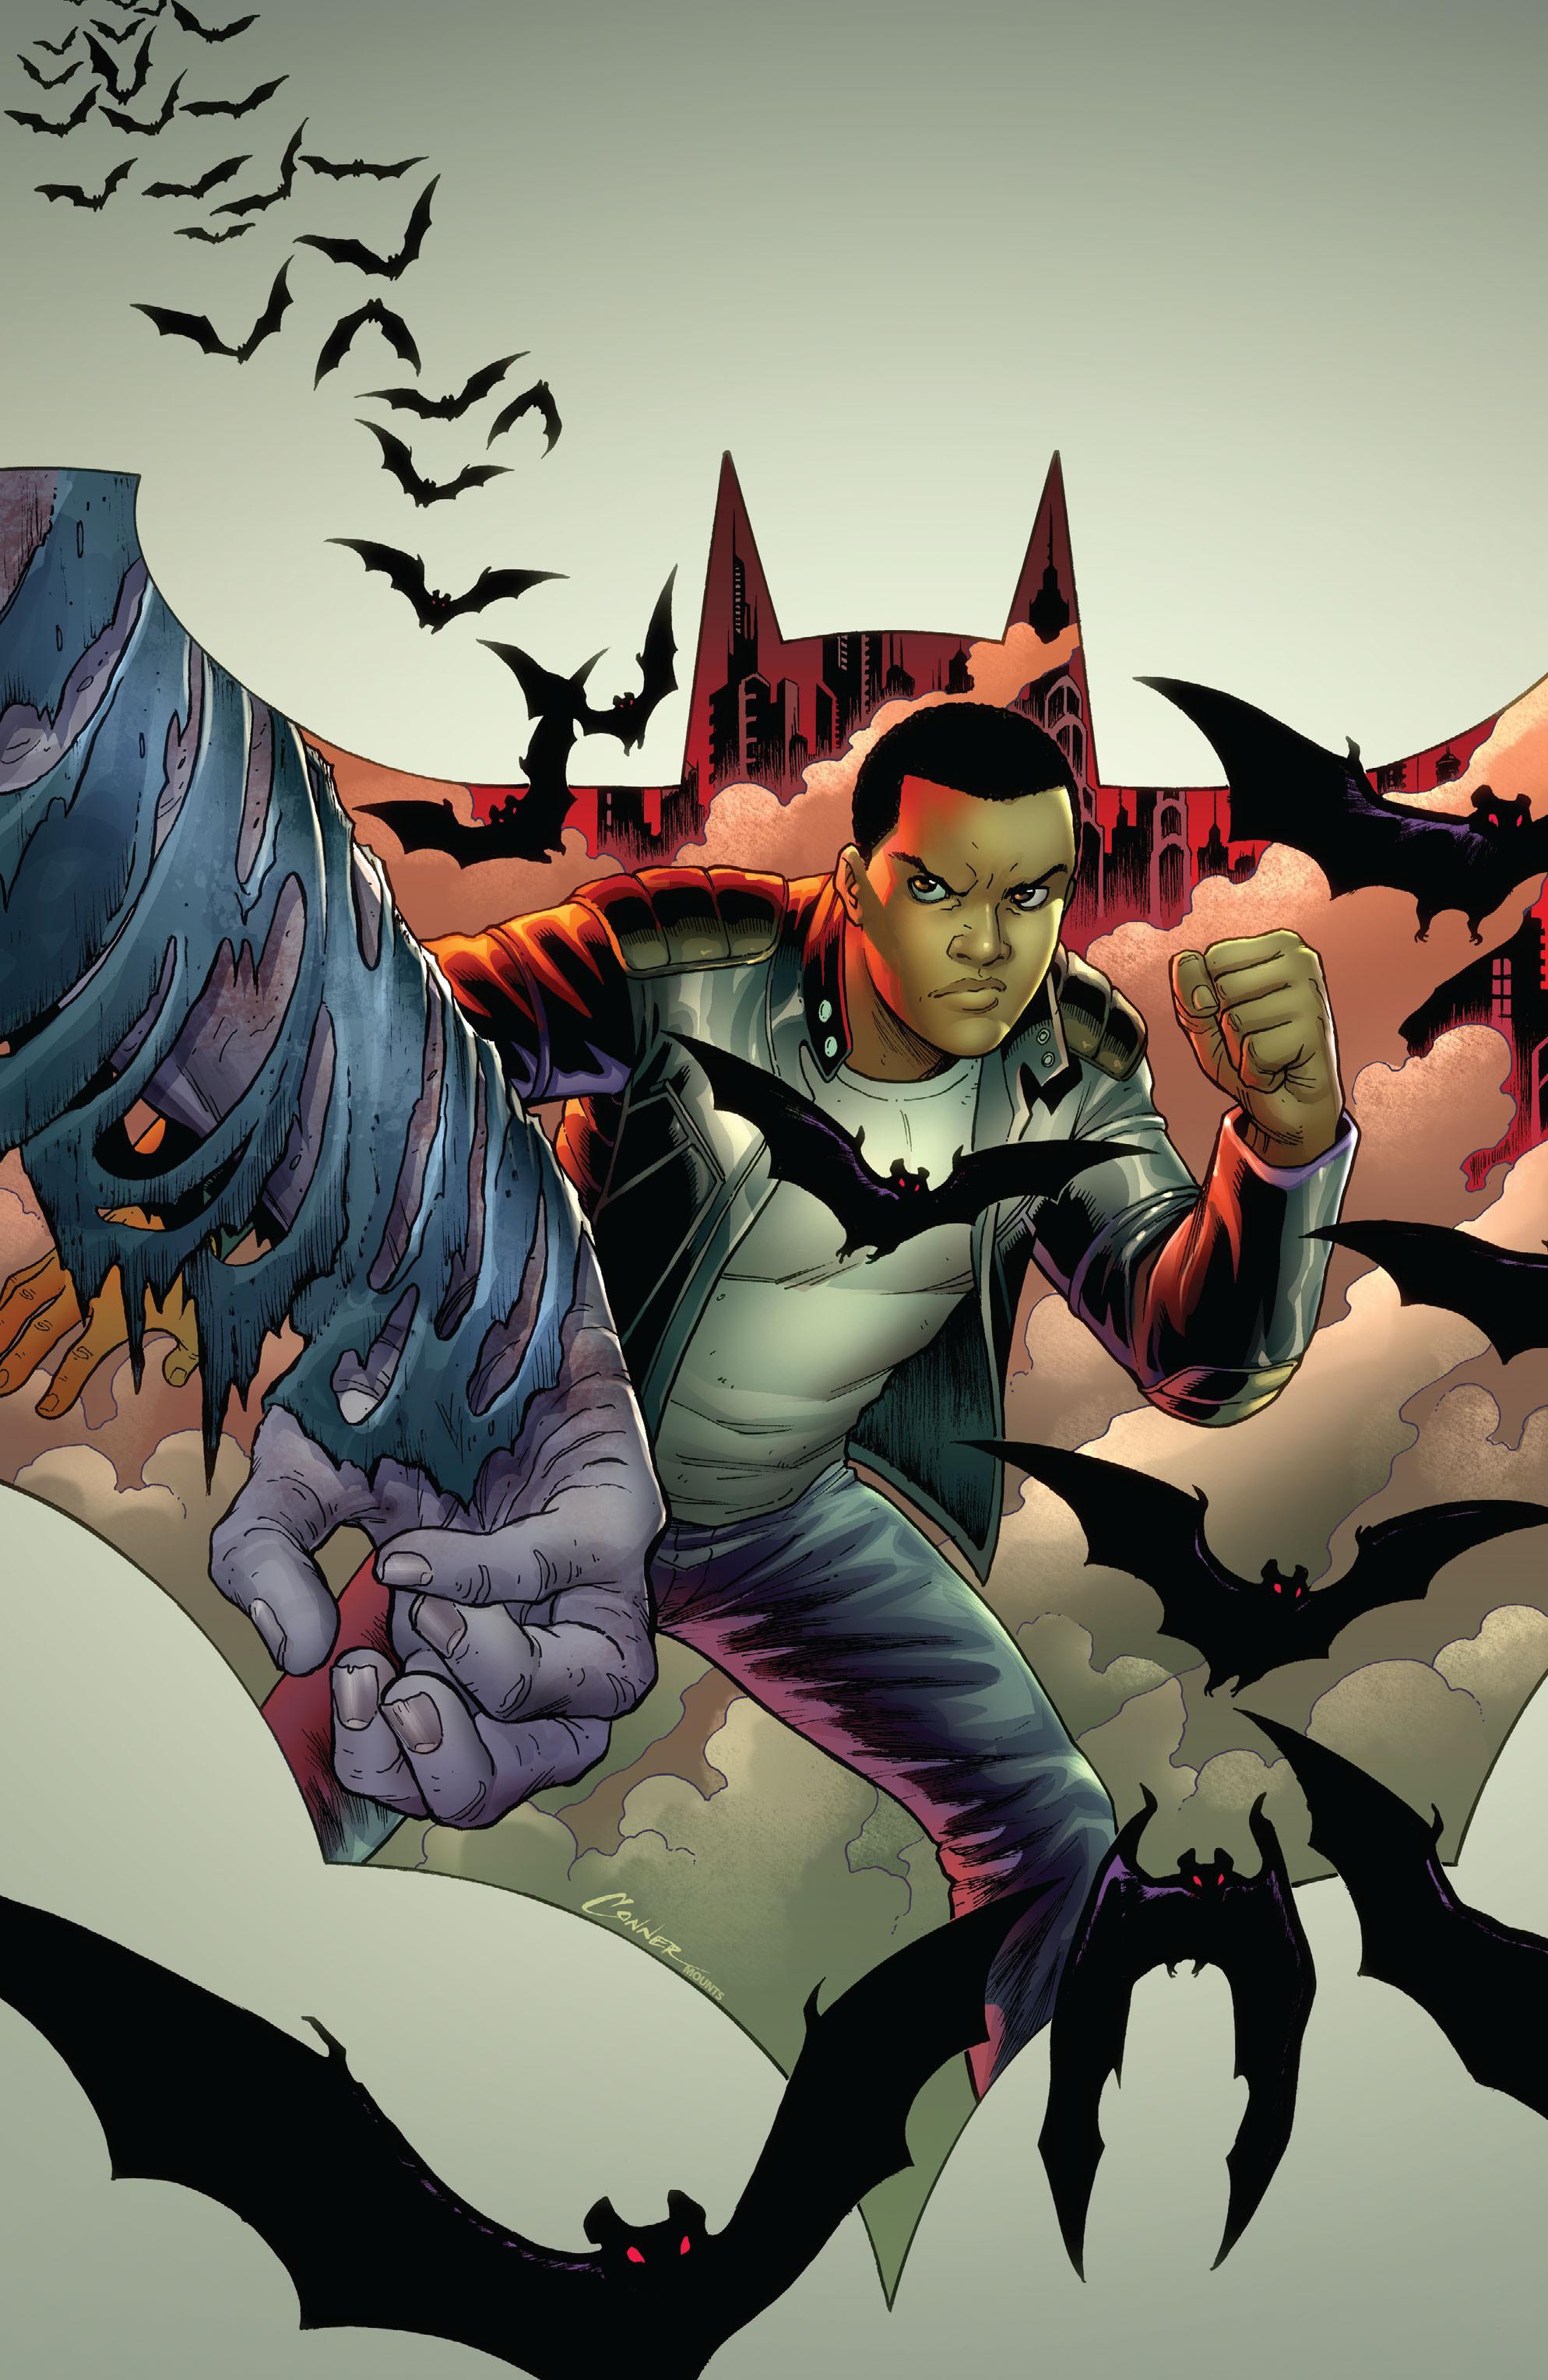 DC Comics: Zero Year chap tpb pic 112